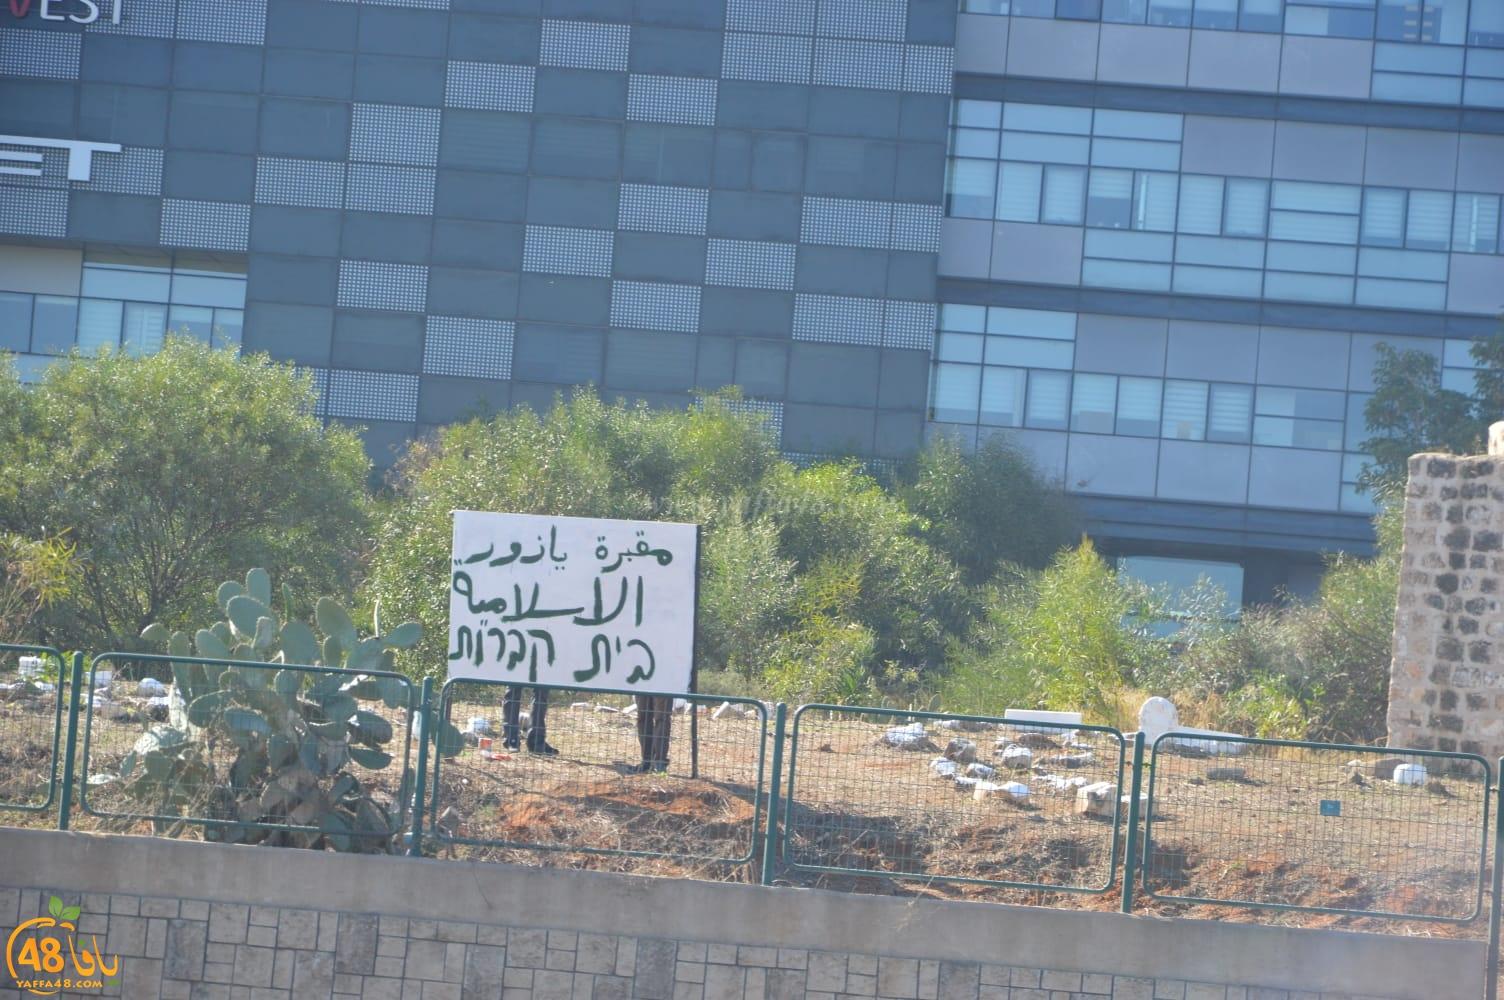 صور: تنظيف مقبرة يازور قضاء يافا ضمن معسكر الثبات 5